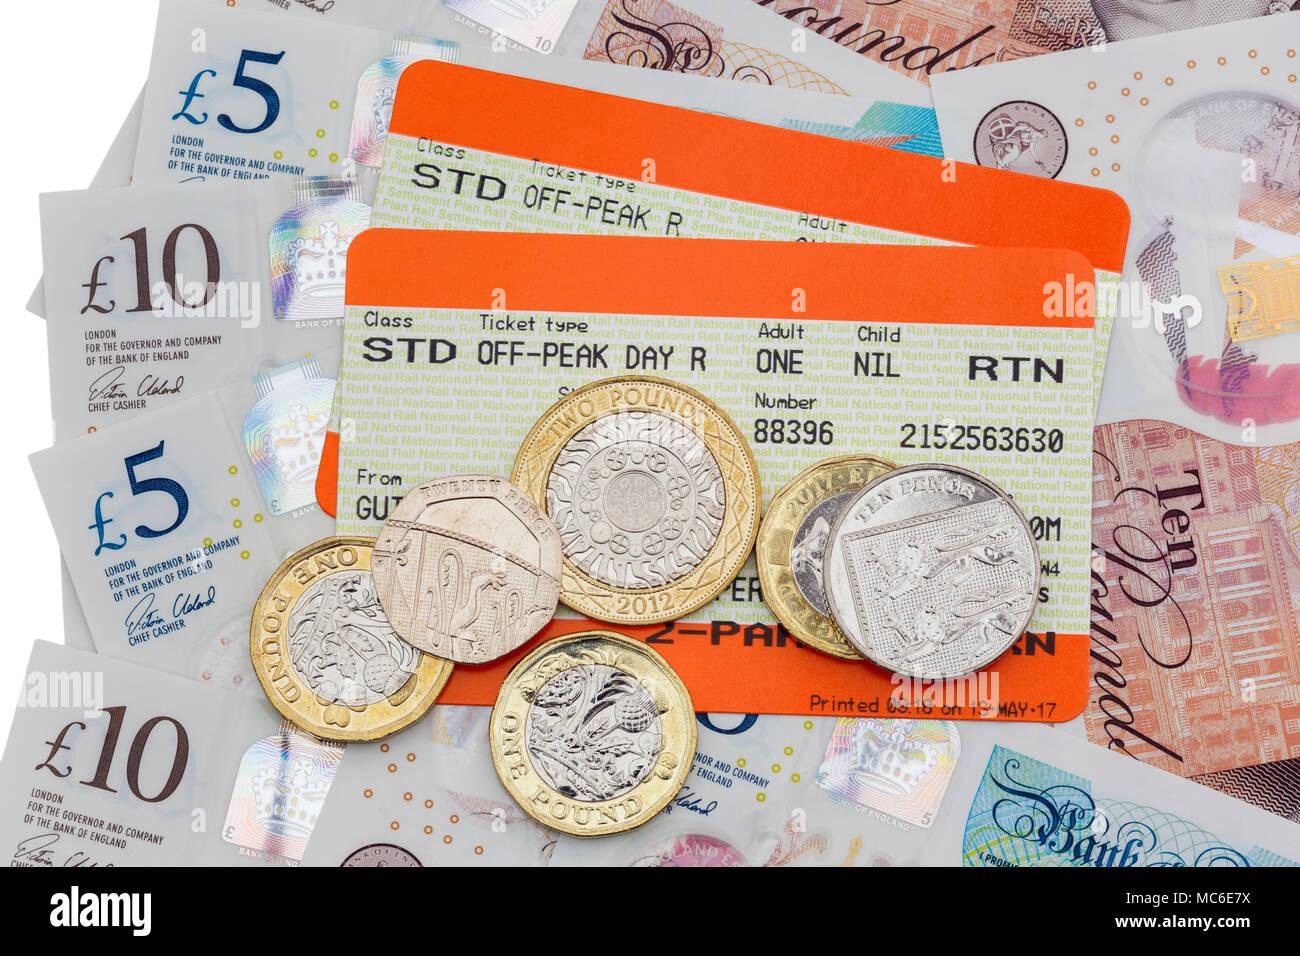 Deux billets de train britannique hors-pointe standard pour sortir et revenir avec de nouveaux tarifs ferroviaires cinq et dix livres et notes pièces livre. Angleterre Royaume-uni Grande-Bretagne Photo Stock